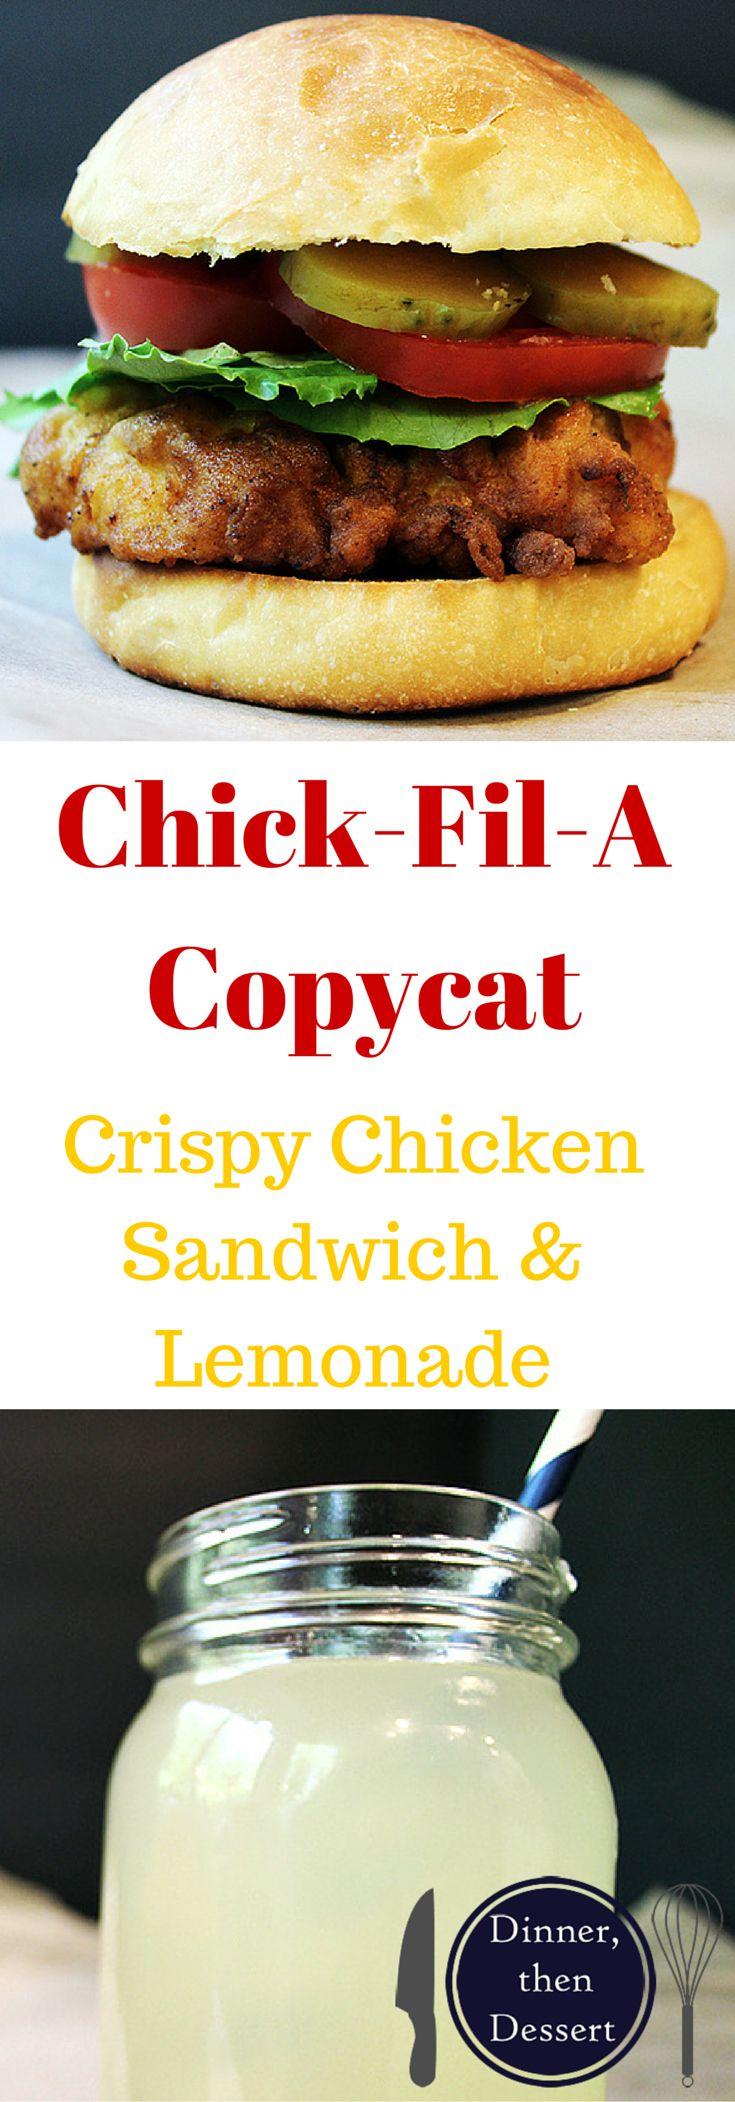 279 Best Images About Copycat Sandwiches Wraps Etc On